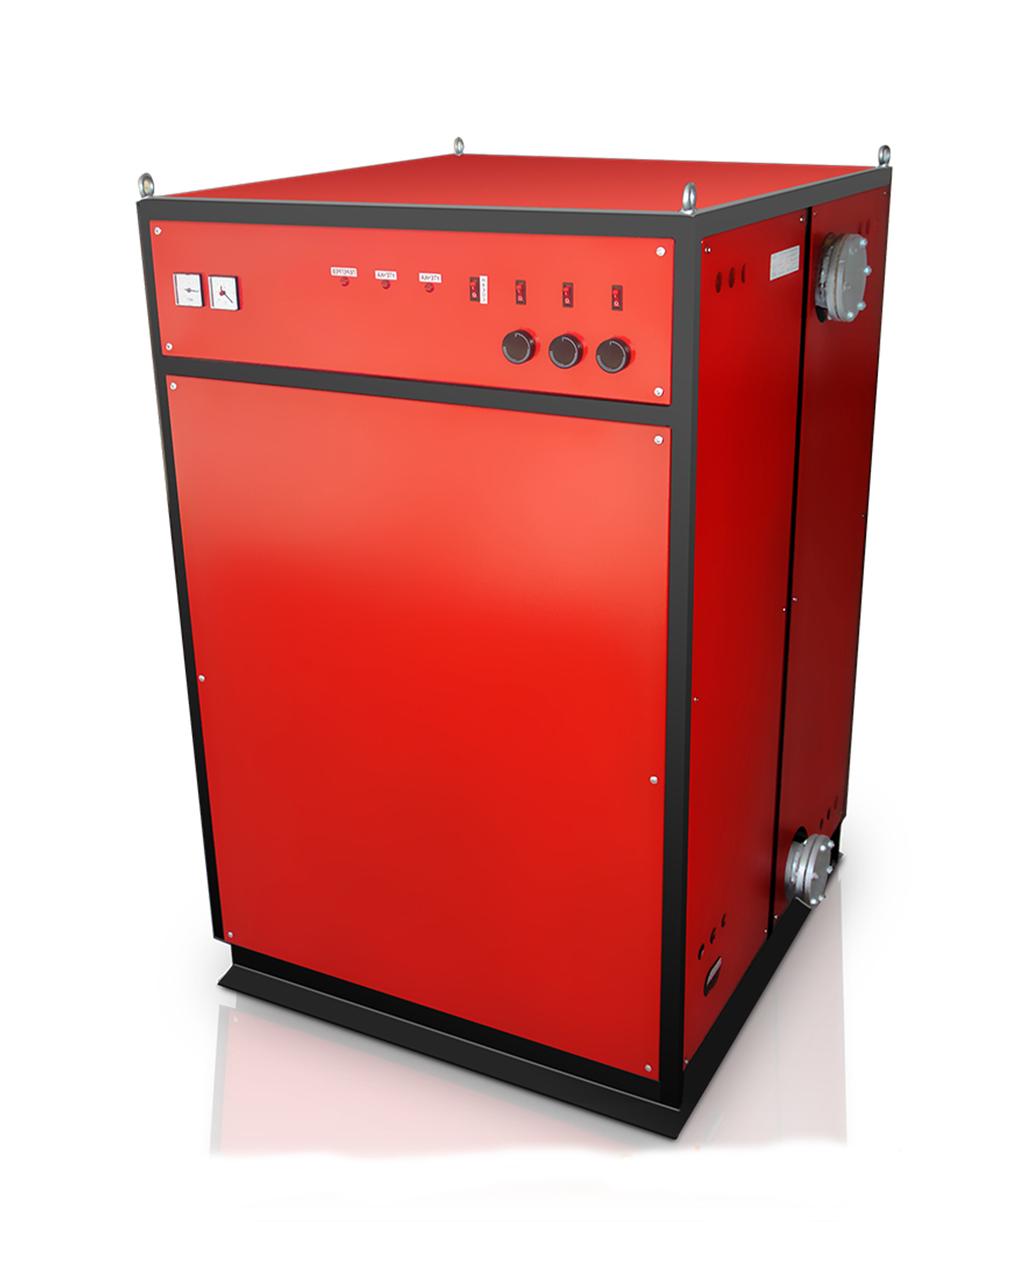 Електричний котел Титан Промисловий Модульний, 540 кВт 380 В